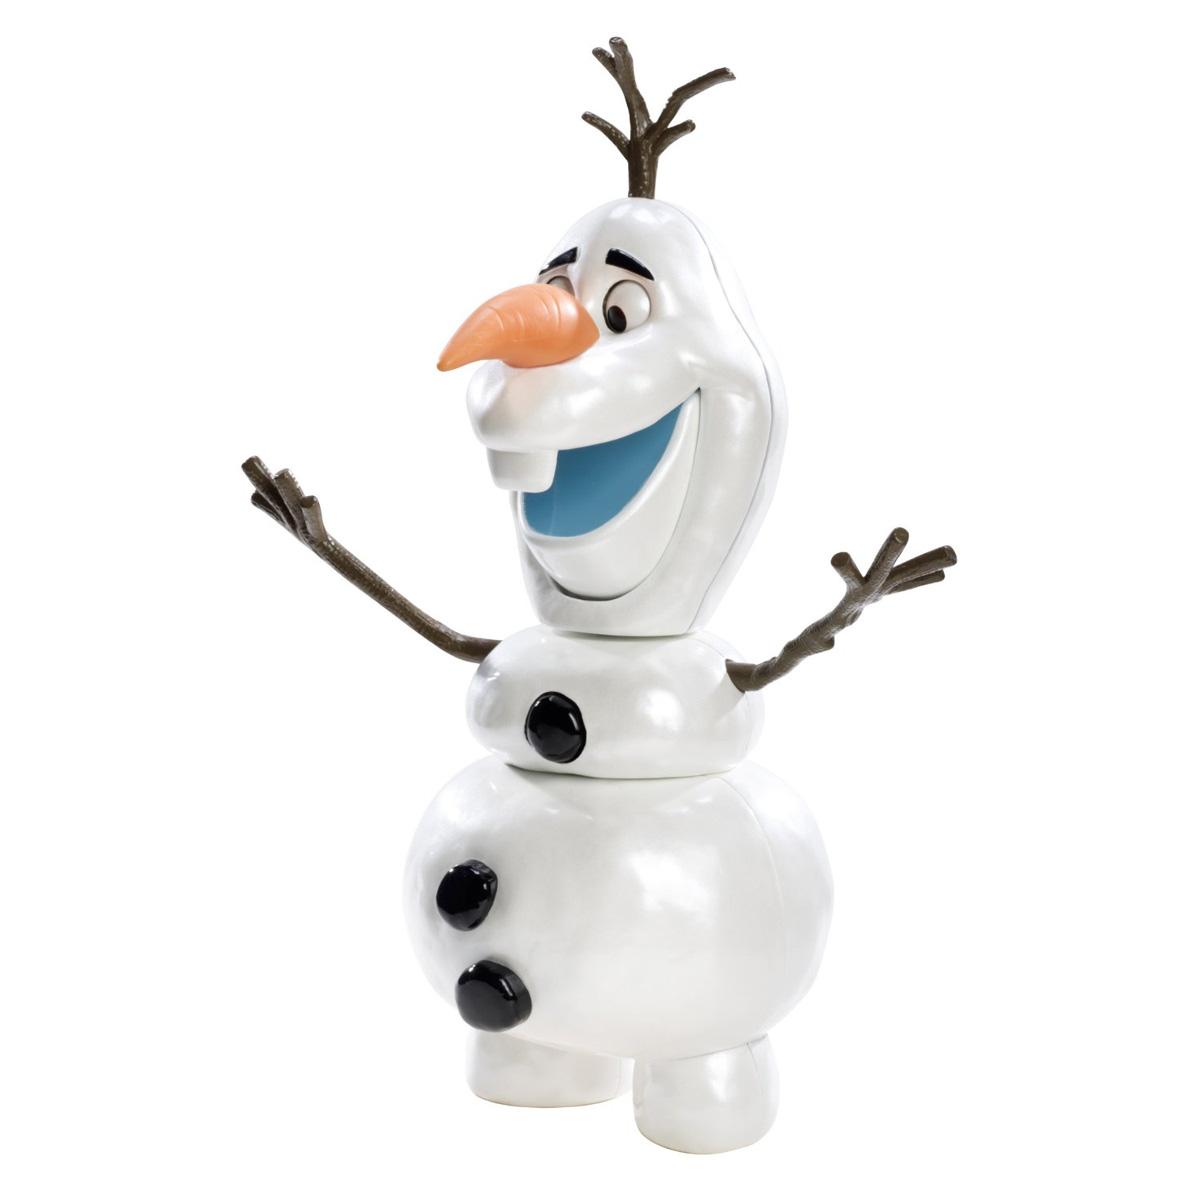 Disney Frozen Кукла-снеговик Холодное сердце ОлафCBH61Кукла-снеговик Disney Frozen Холодное сердце: Олаф станет отличным подарком для поклонника знаменитого мультфильма Холодное сердце. Игрушка выполнена из прочного безопасного пластика в виде забавного снеговика Олафа. Игрушка в точности копирует черты оригинального диснеевского персонажа. Голова Олафа отделяется от туловища, а выражение его лица может меняться, если нажать веточку на его голове: снеговик закроет и тут же откроет рот, а его глазки изменят выражение. С такой игрушкой ваш ребенок весело проведет время, играя и выдумывая различные истории.